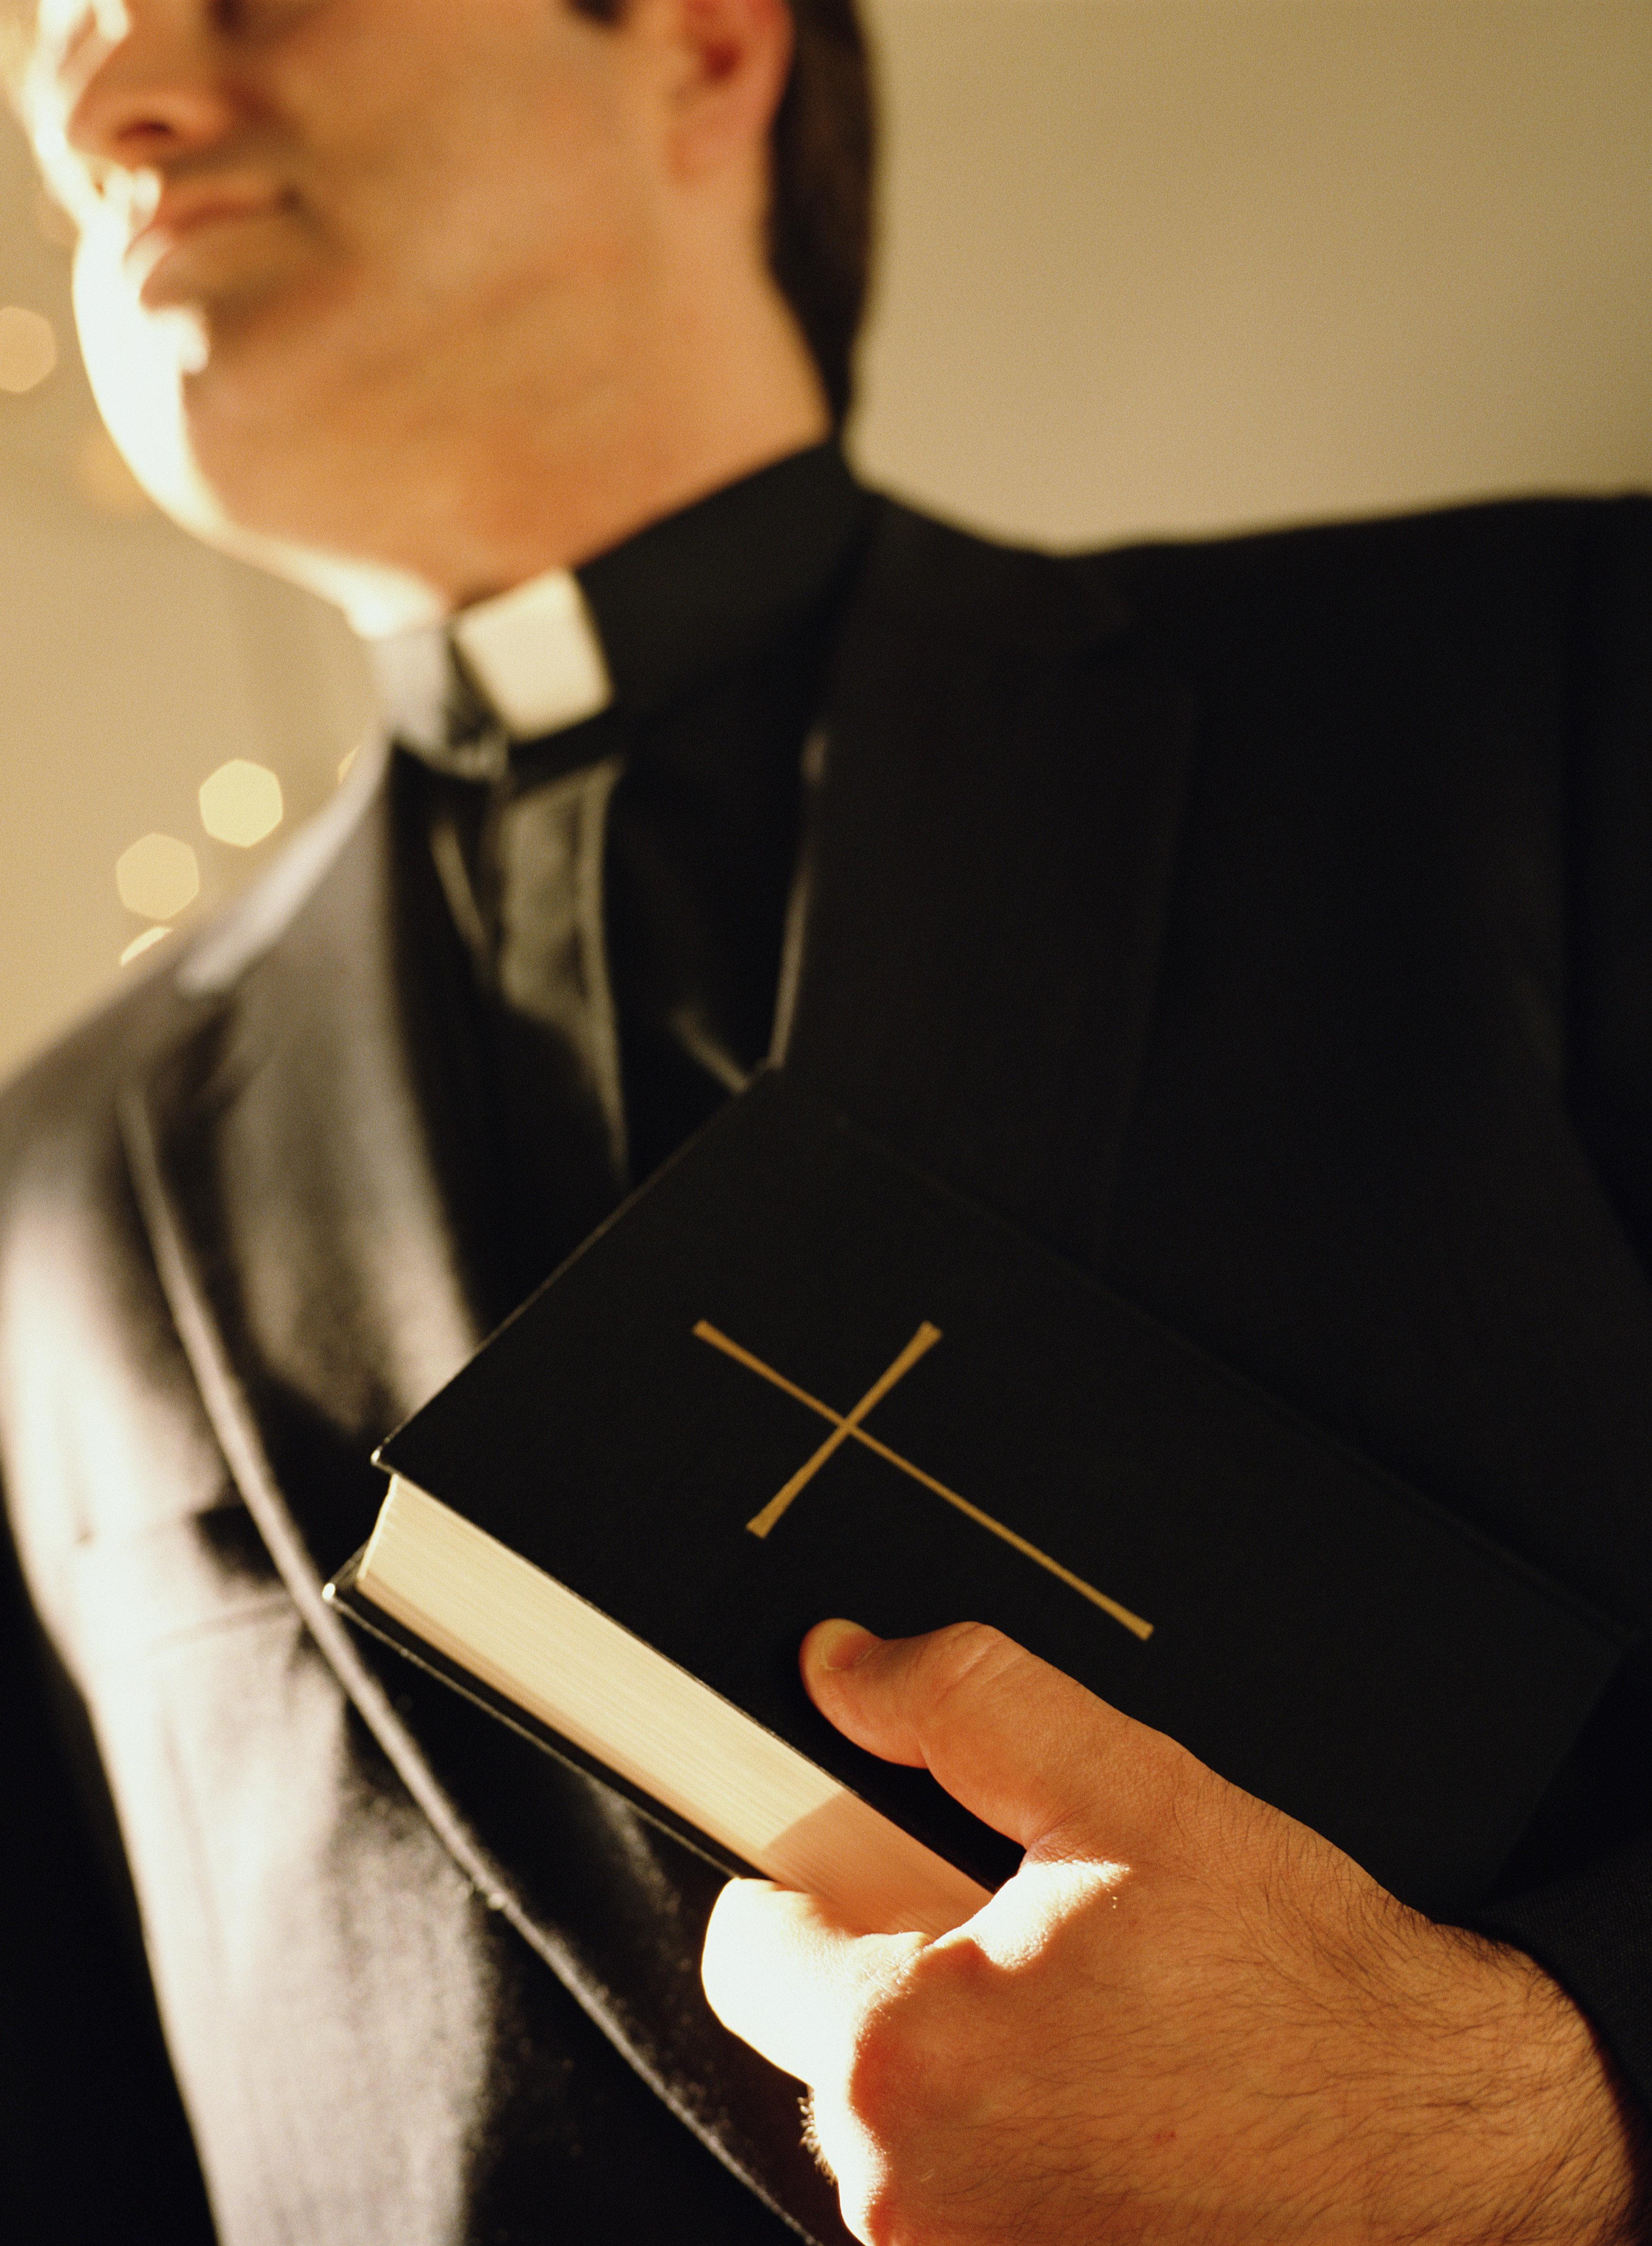 Über 100 Missbrauchstaten an Kindern: Ex-Priester muss in die